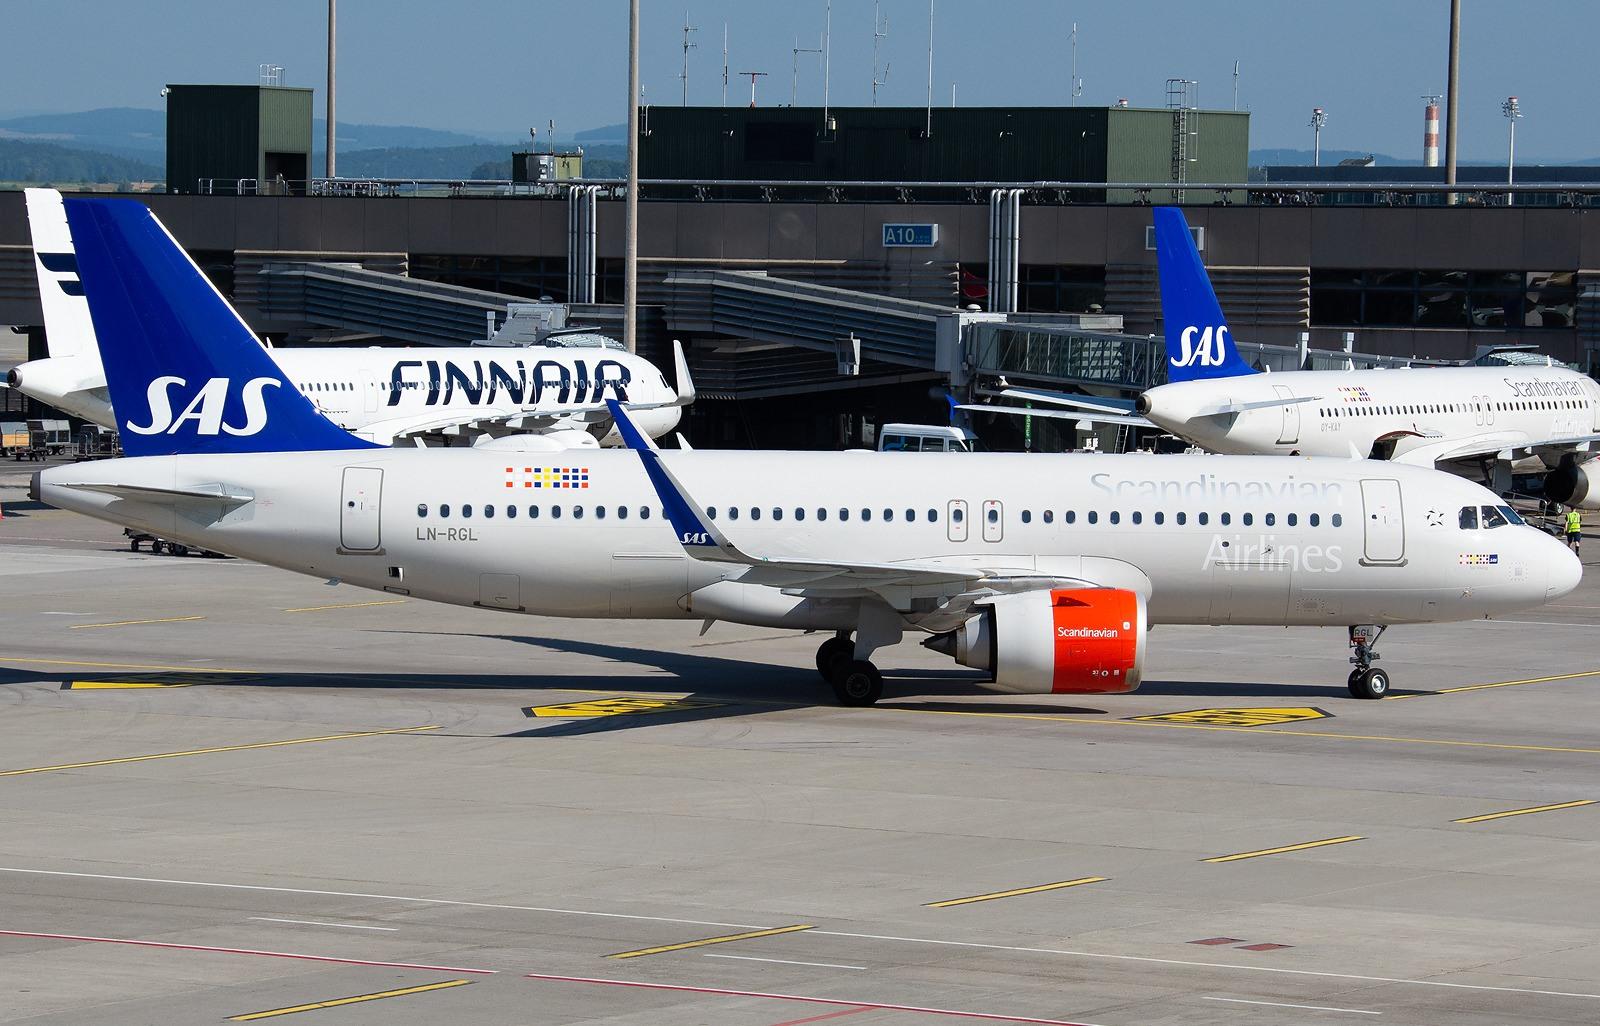 Fly fra SAS og Finnair i Zurich Airport. (Foto: Aldo Bidini)